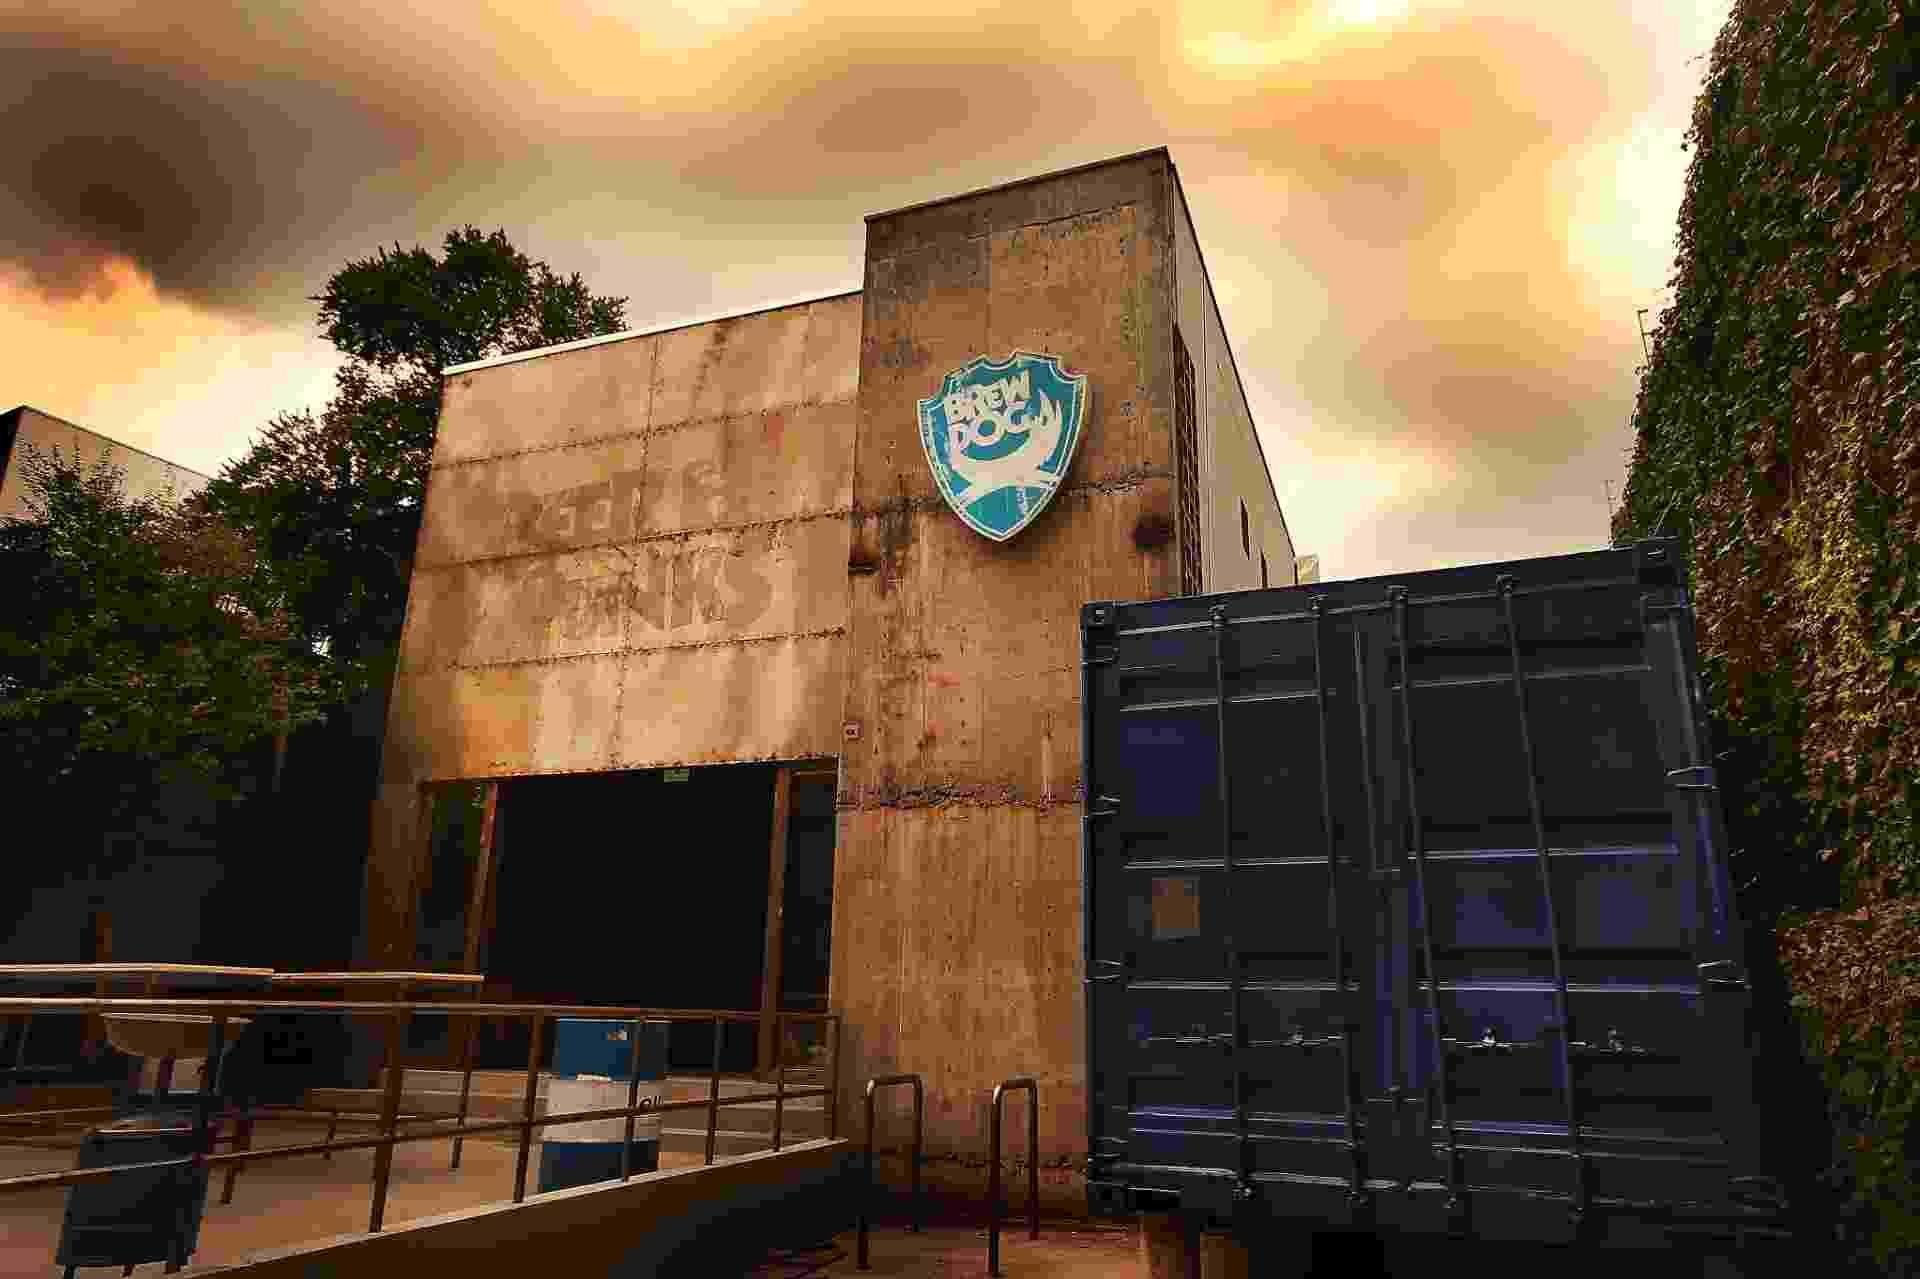 Em janeiro, a cervejaria escocesa BrewDog inaugurou em Pinheiros, zona oeste de São Paulo, seu primeiro bar fora da Europa. - Divulgação